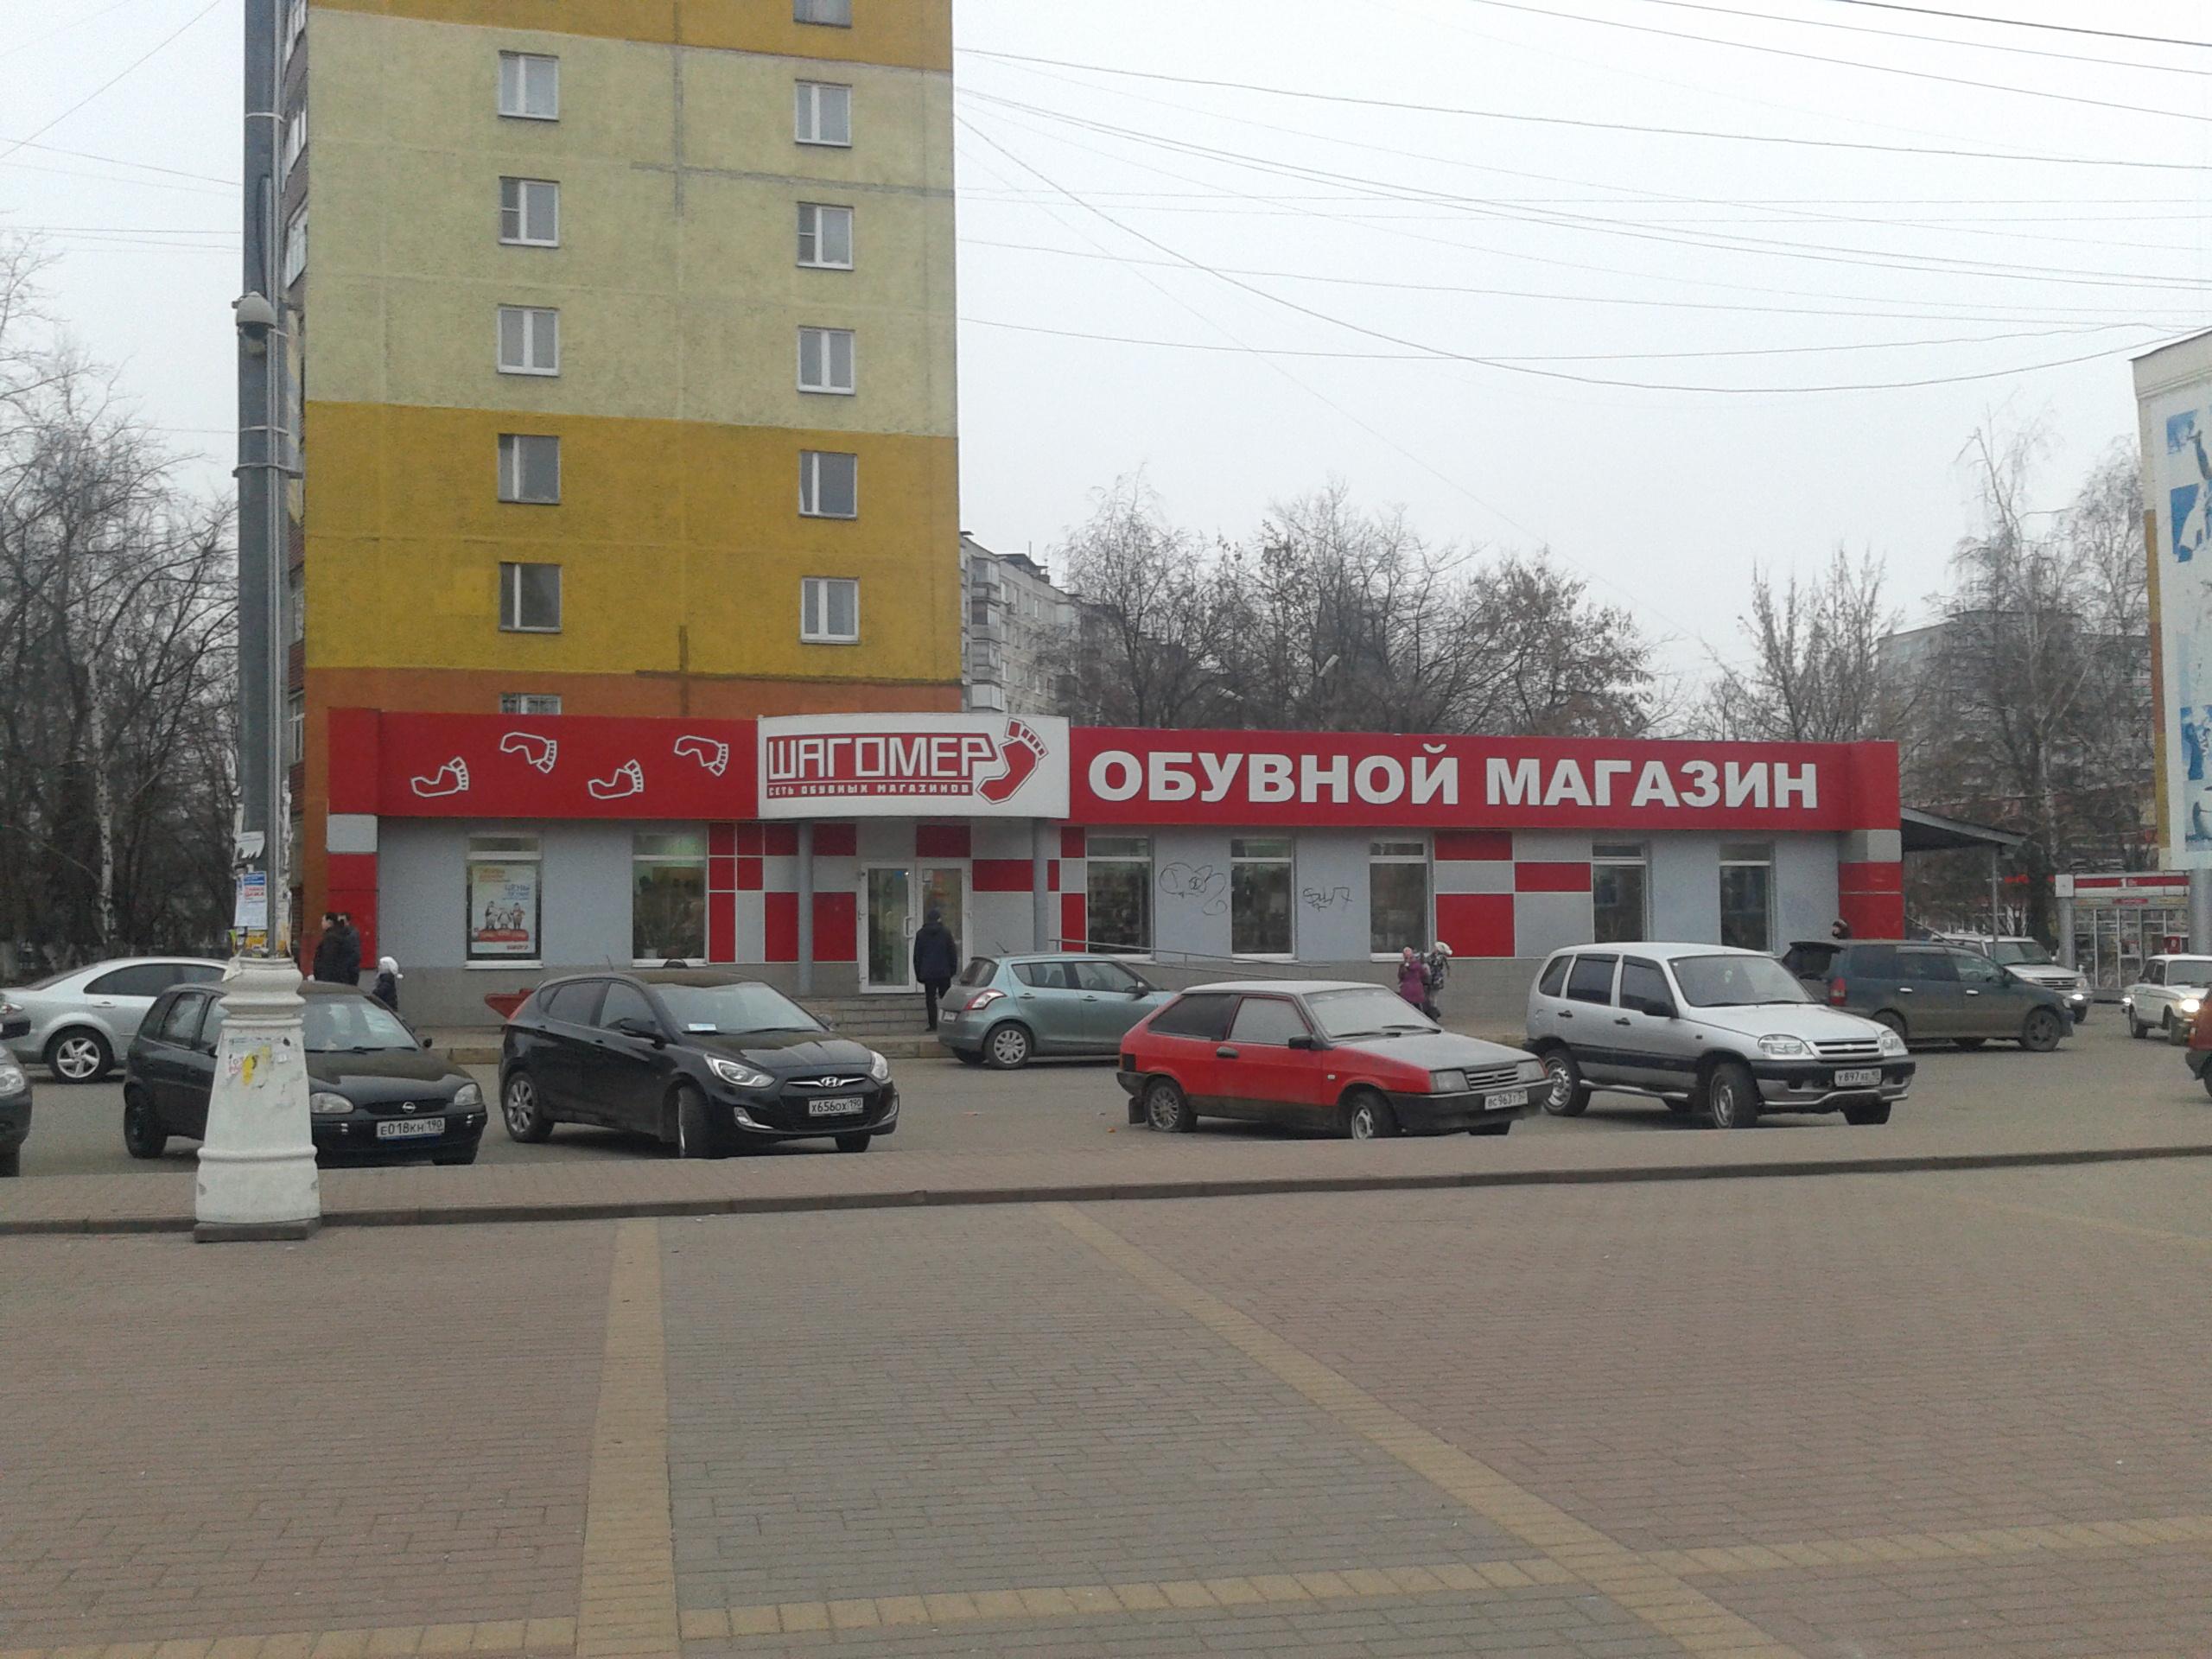 Магазин Обуви Шагомер